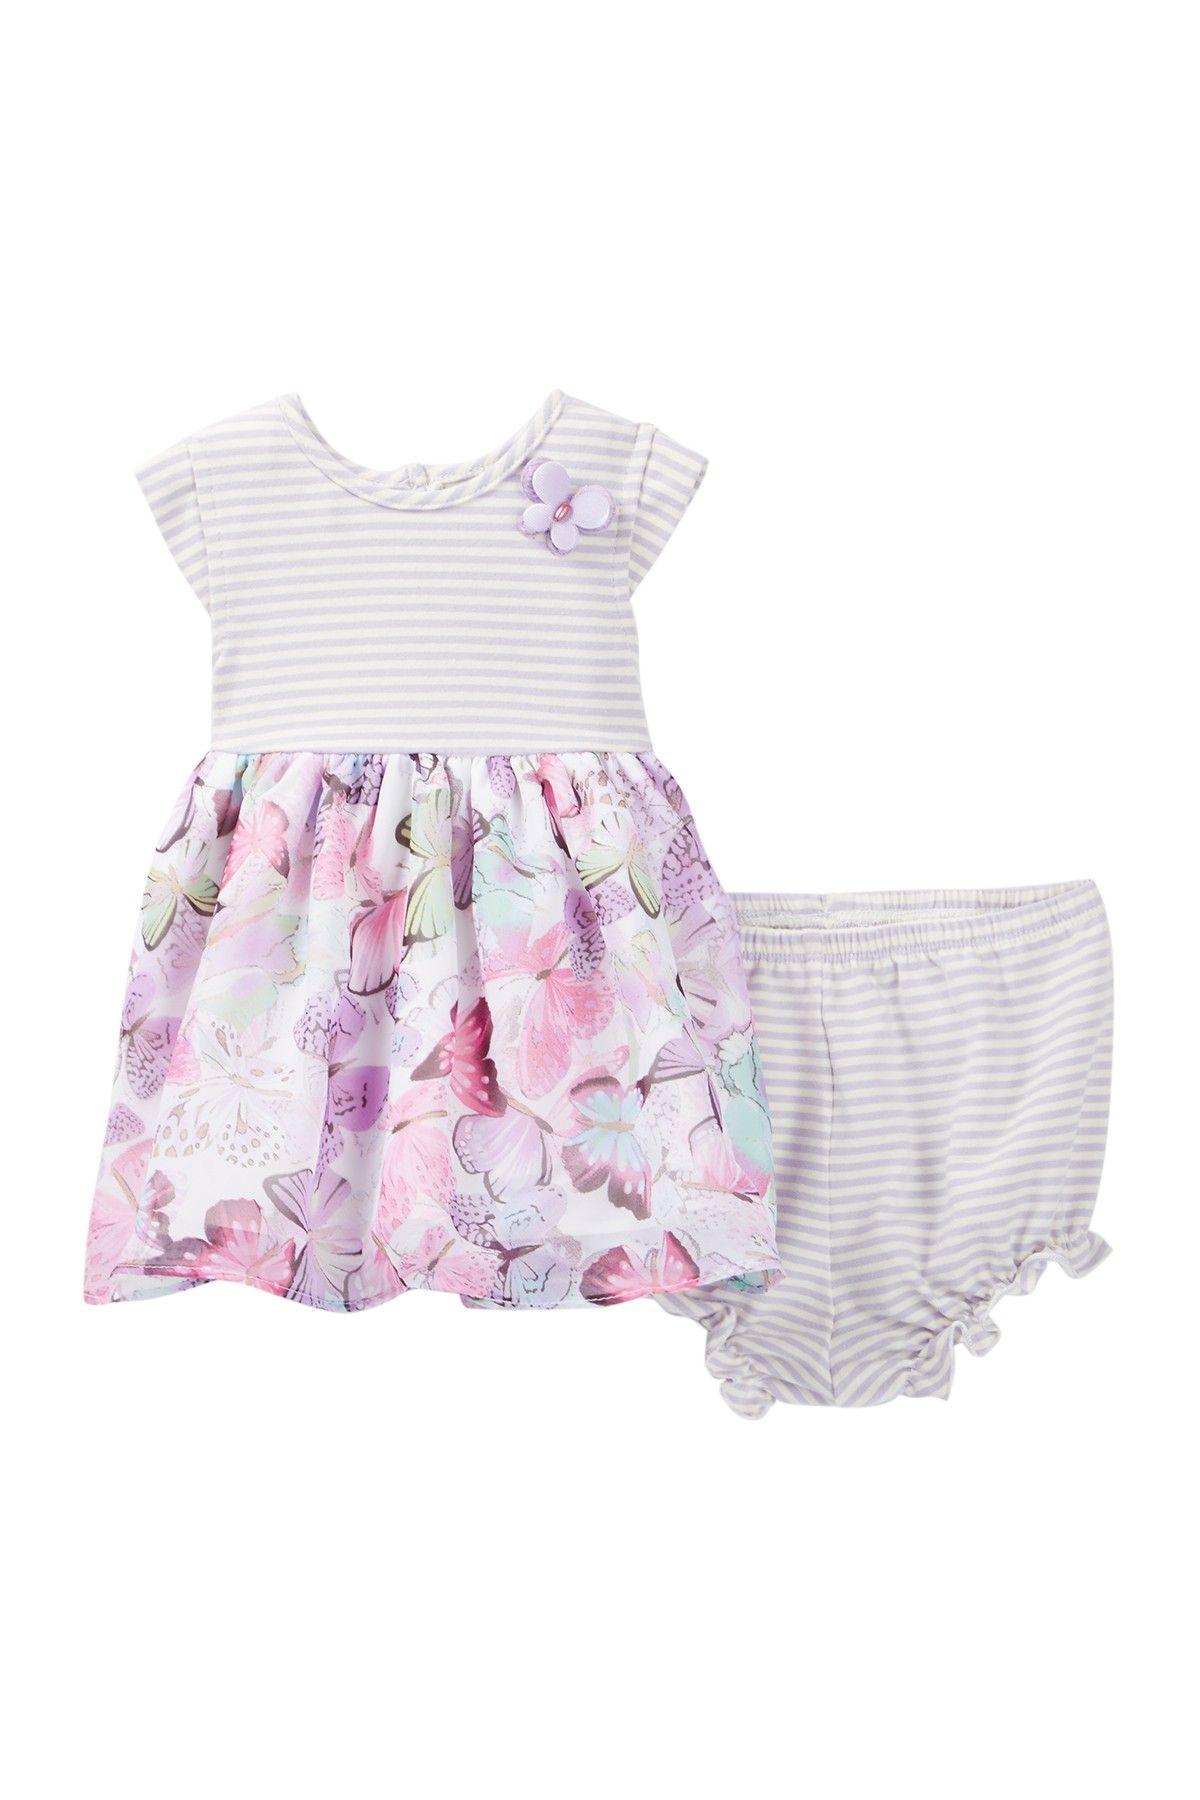 Stripe & Butterfly Dress Baby Girls